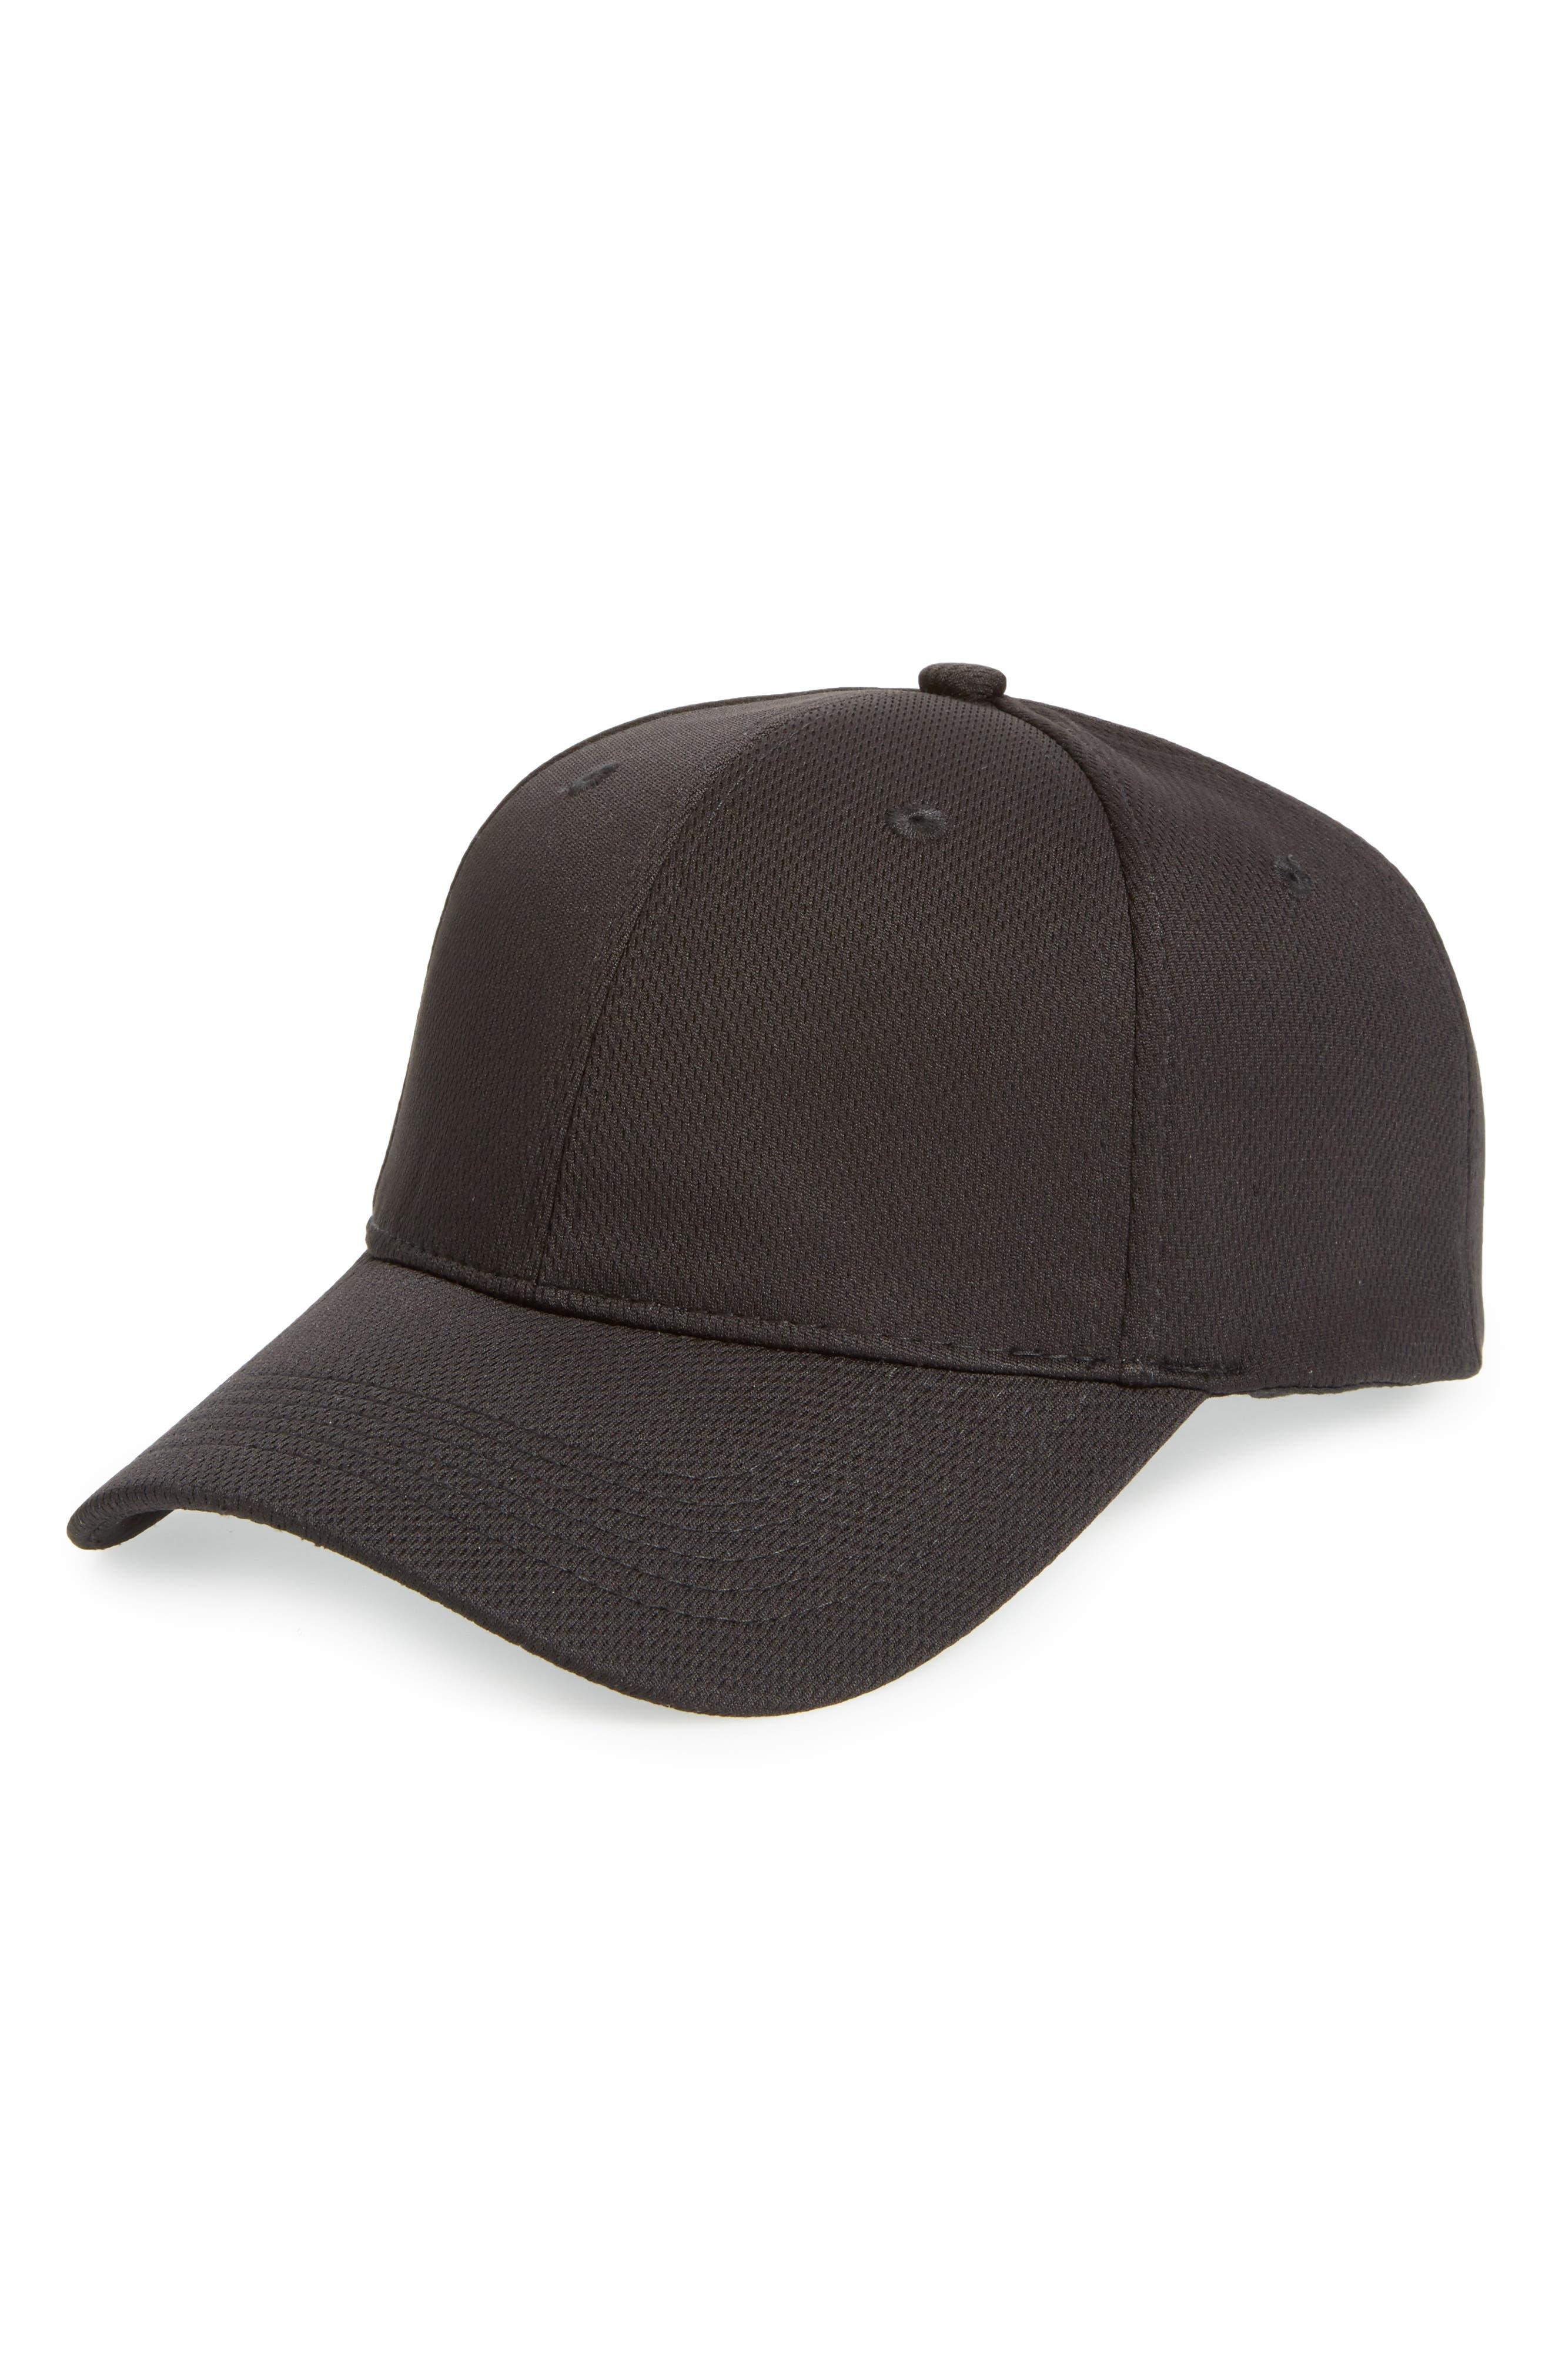 Main Image - Topshop Airtex Peak Baseball Cap